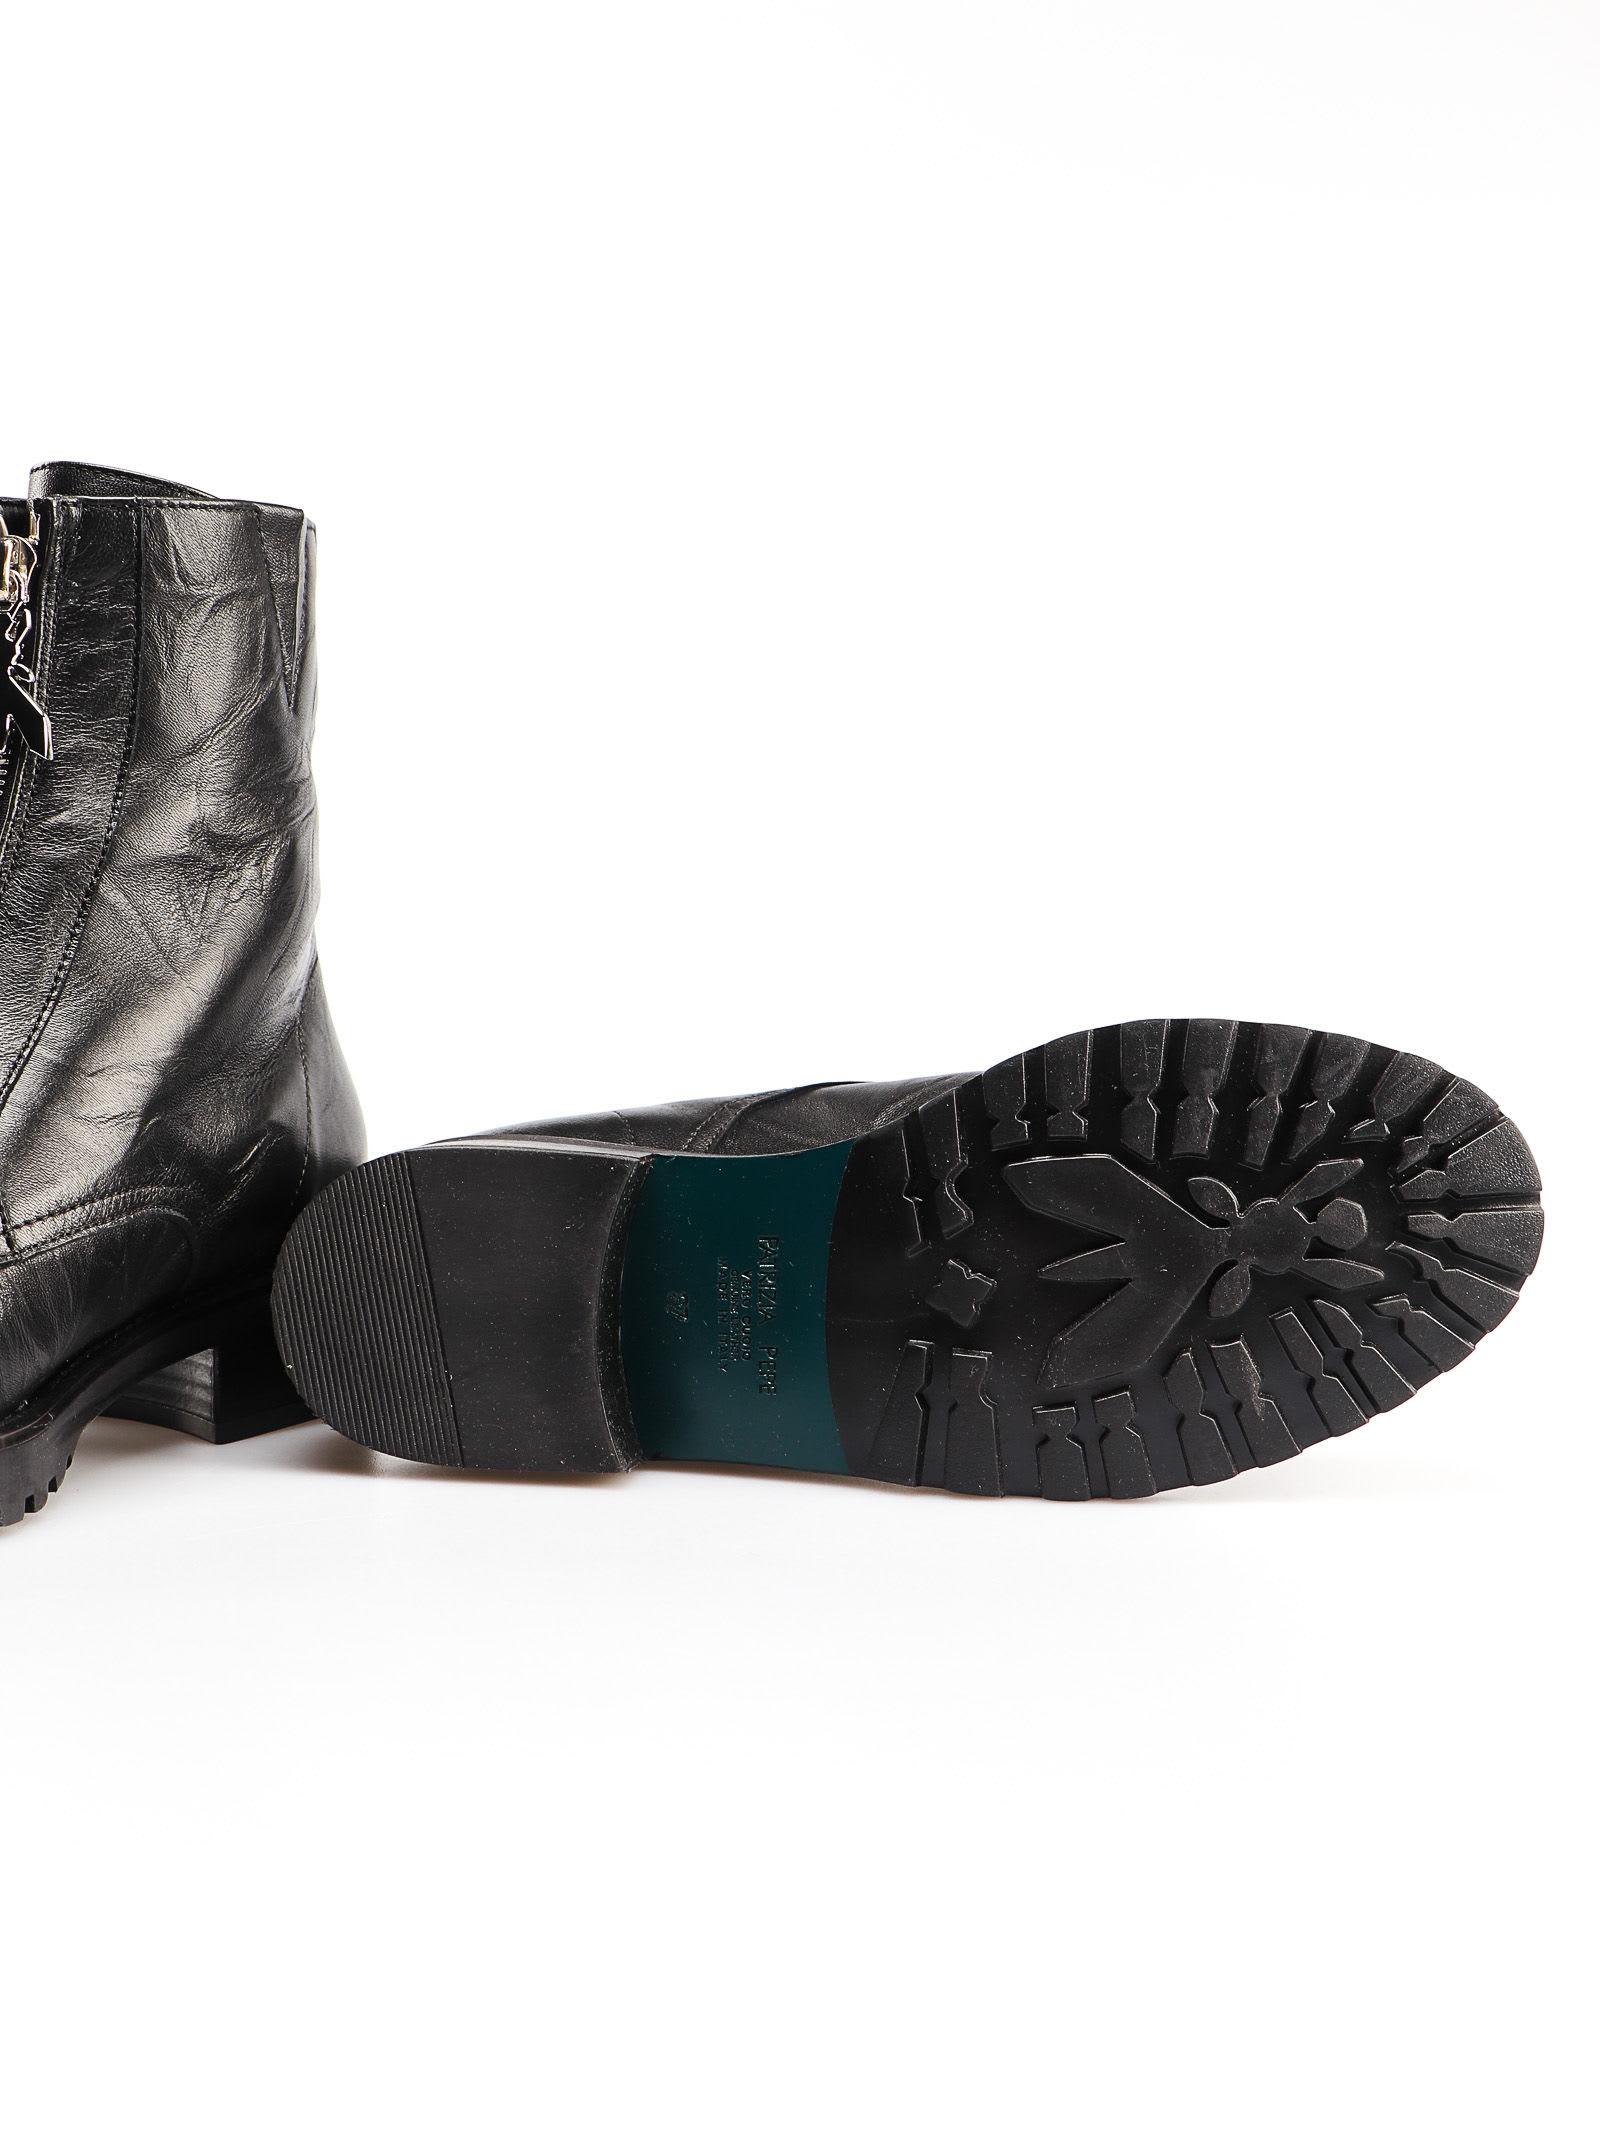 Patrizia Pepe Patrizia Pepe Boots Nero 10976330 | italist